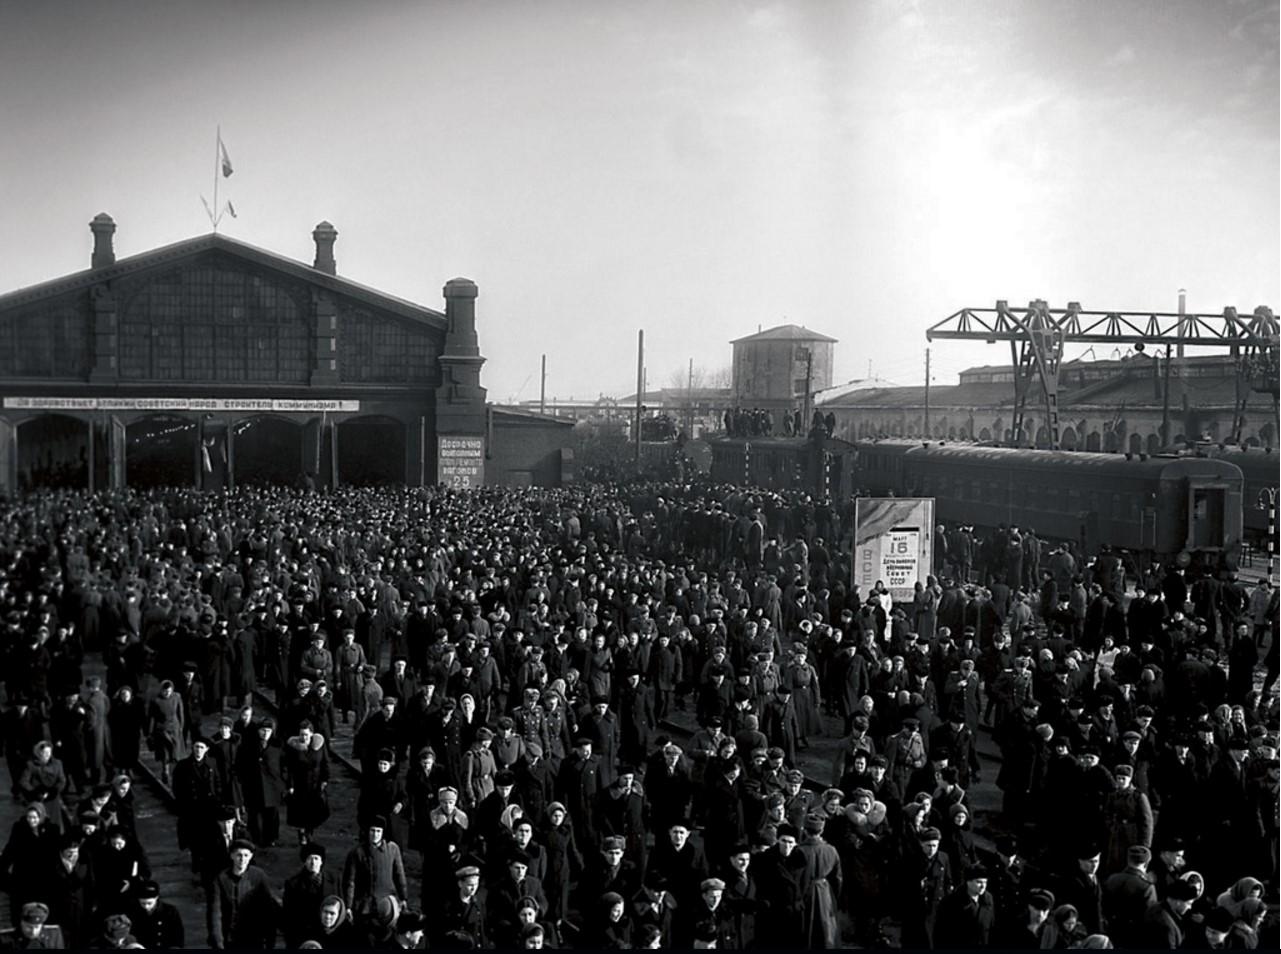 Челябинск. Вагонное депо. Митинг железнодорожников по поводу очередных выборов в Верховный Совет СССР (1958)